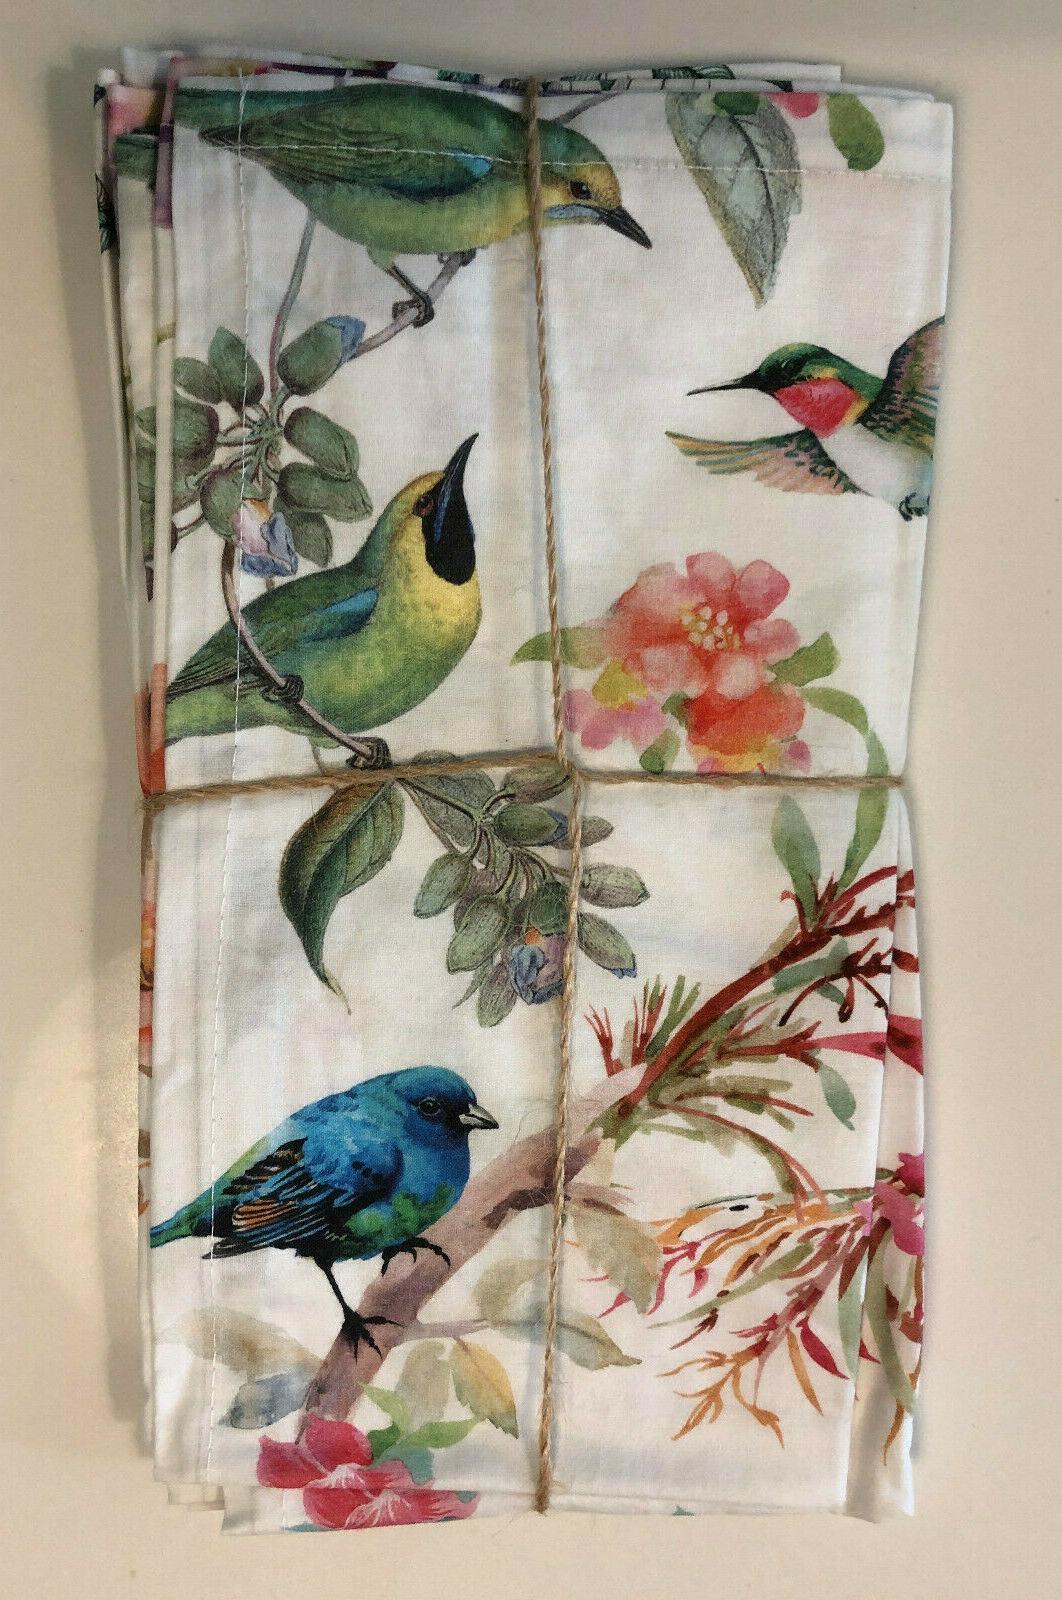 The Deborah Michel Collection Turkish S/4, Birdsong